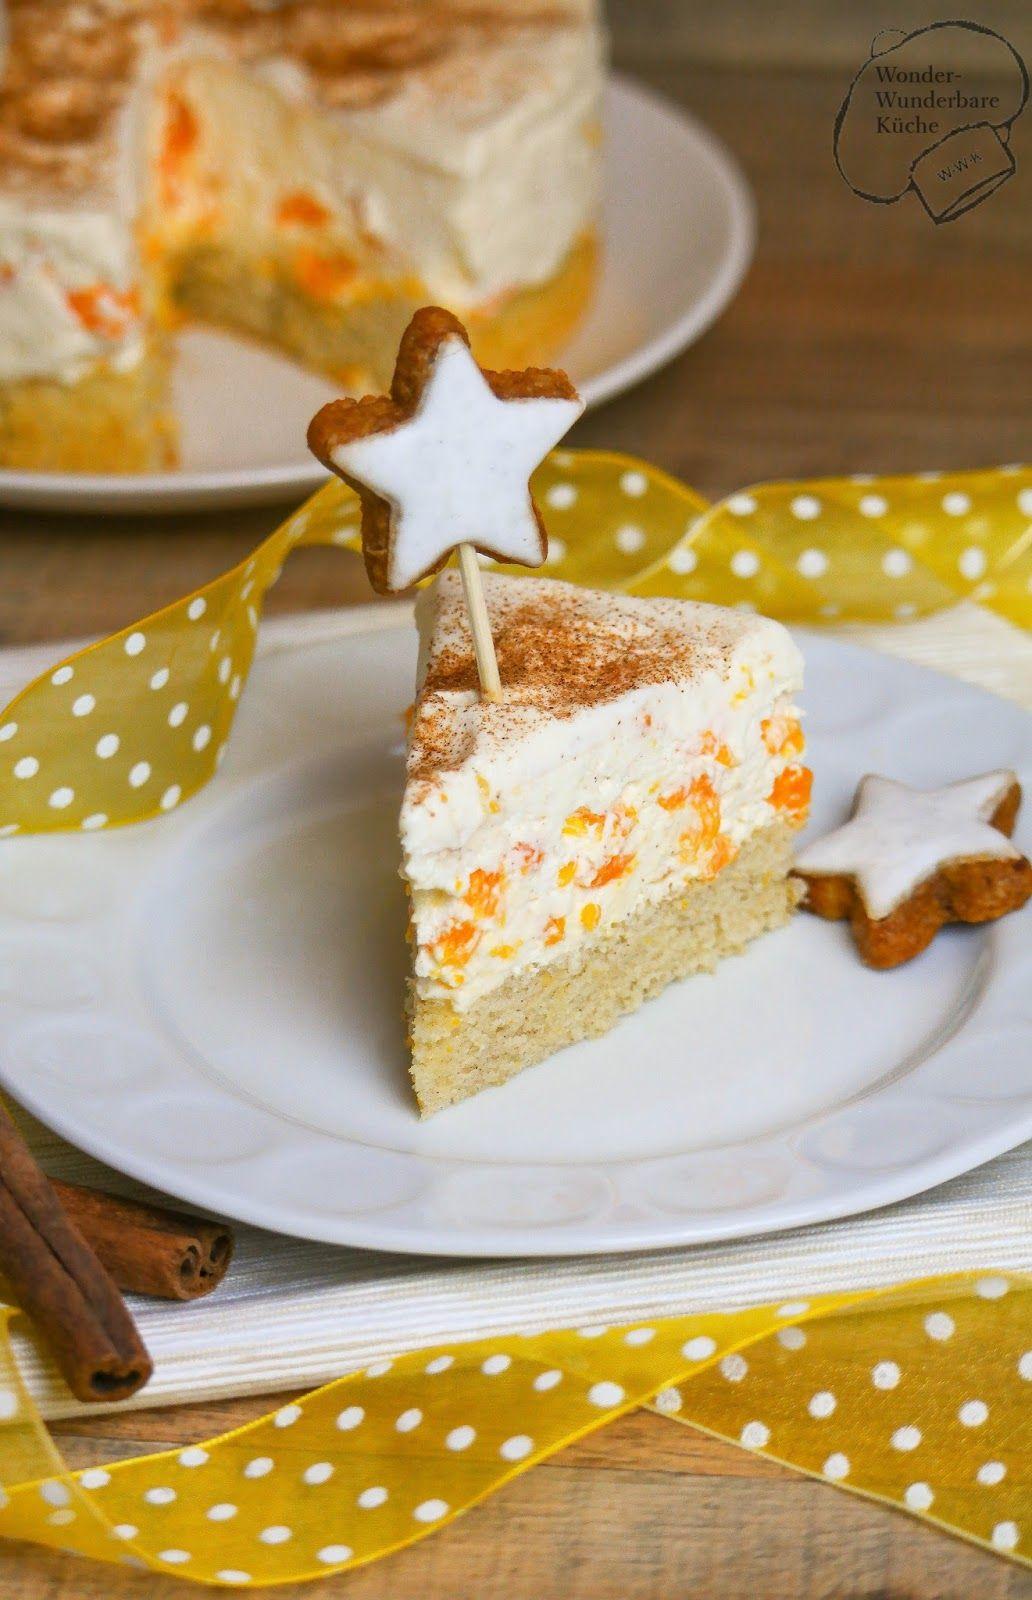 Wonder Wunderbare Kuche Kleine Kuchen Mascarpone Zimtstern Torte